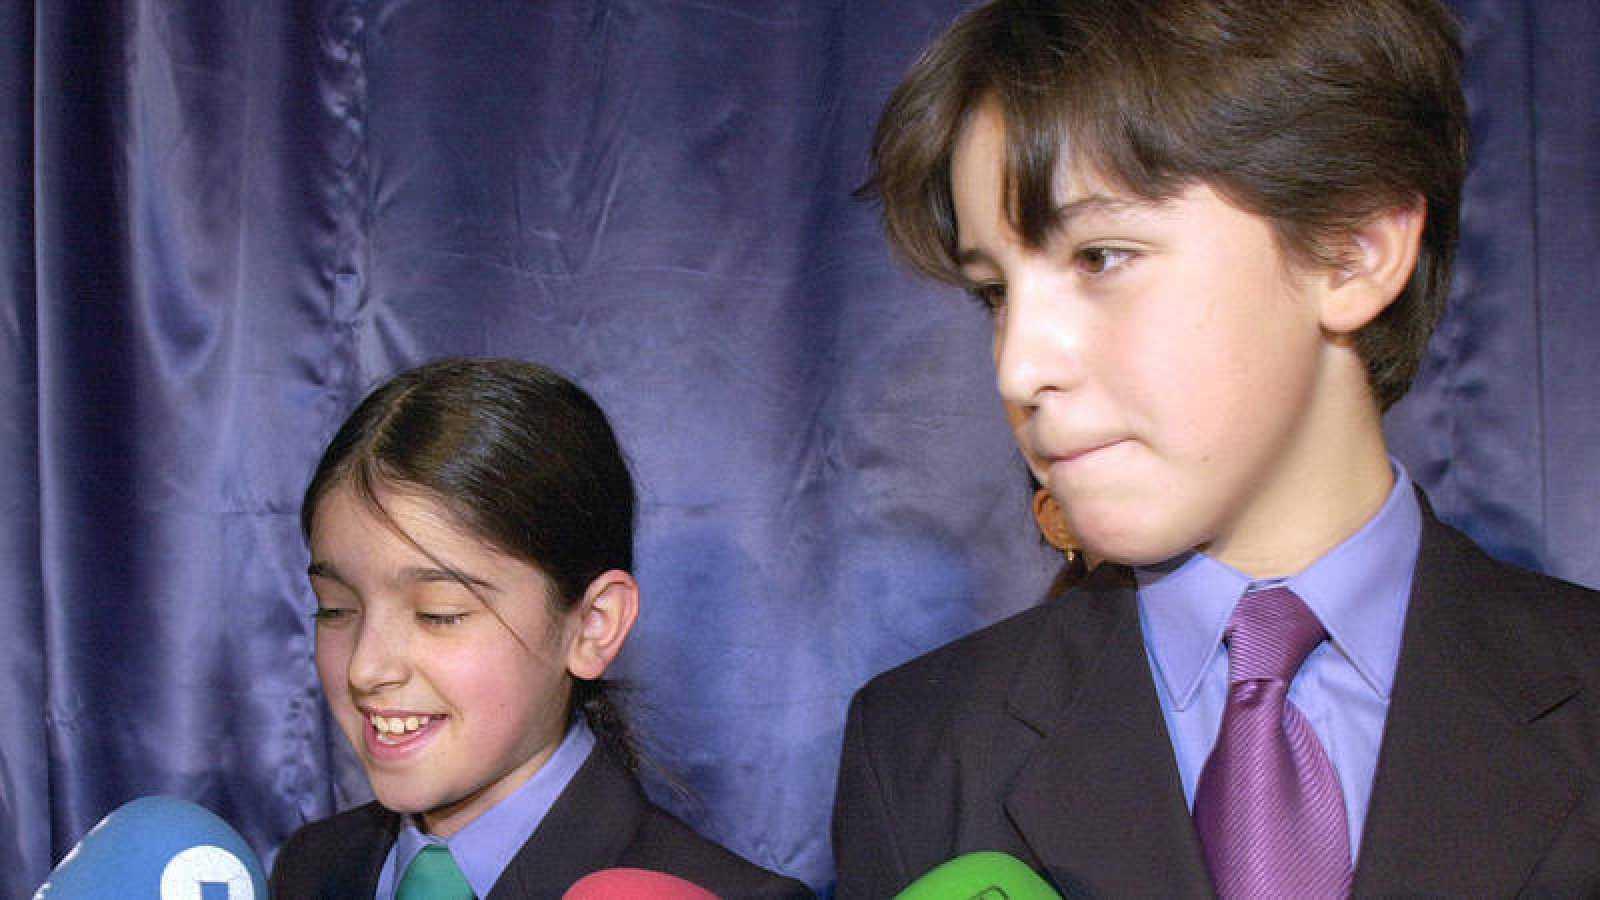 Moli Paredes y Aitor Sierra, los niños que cantaron el último Gordo en pesetas